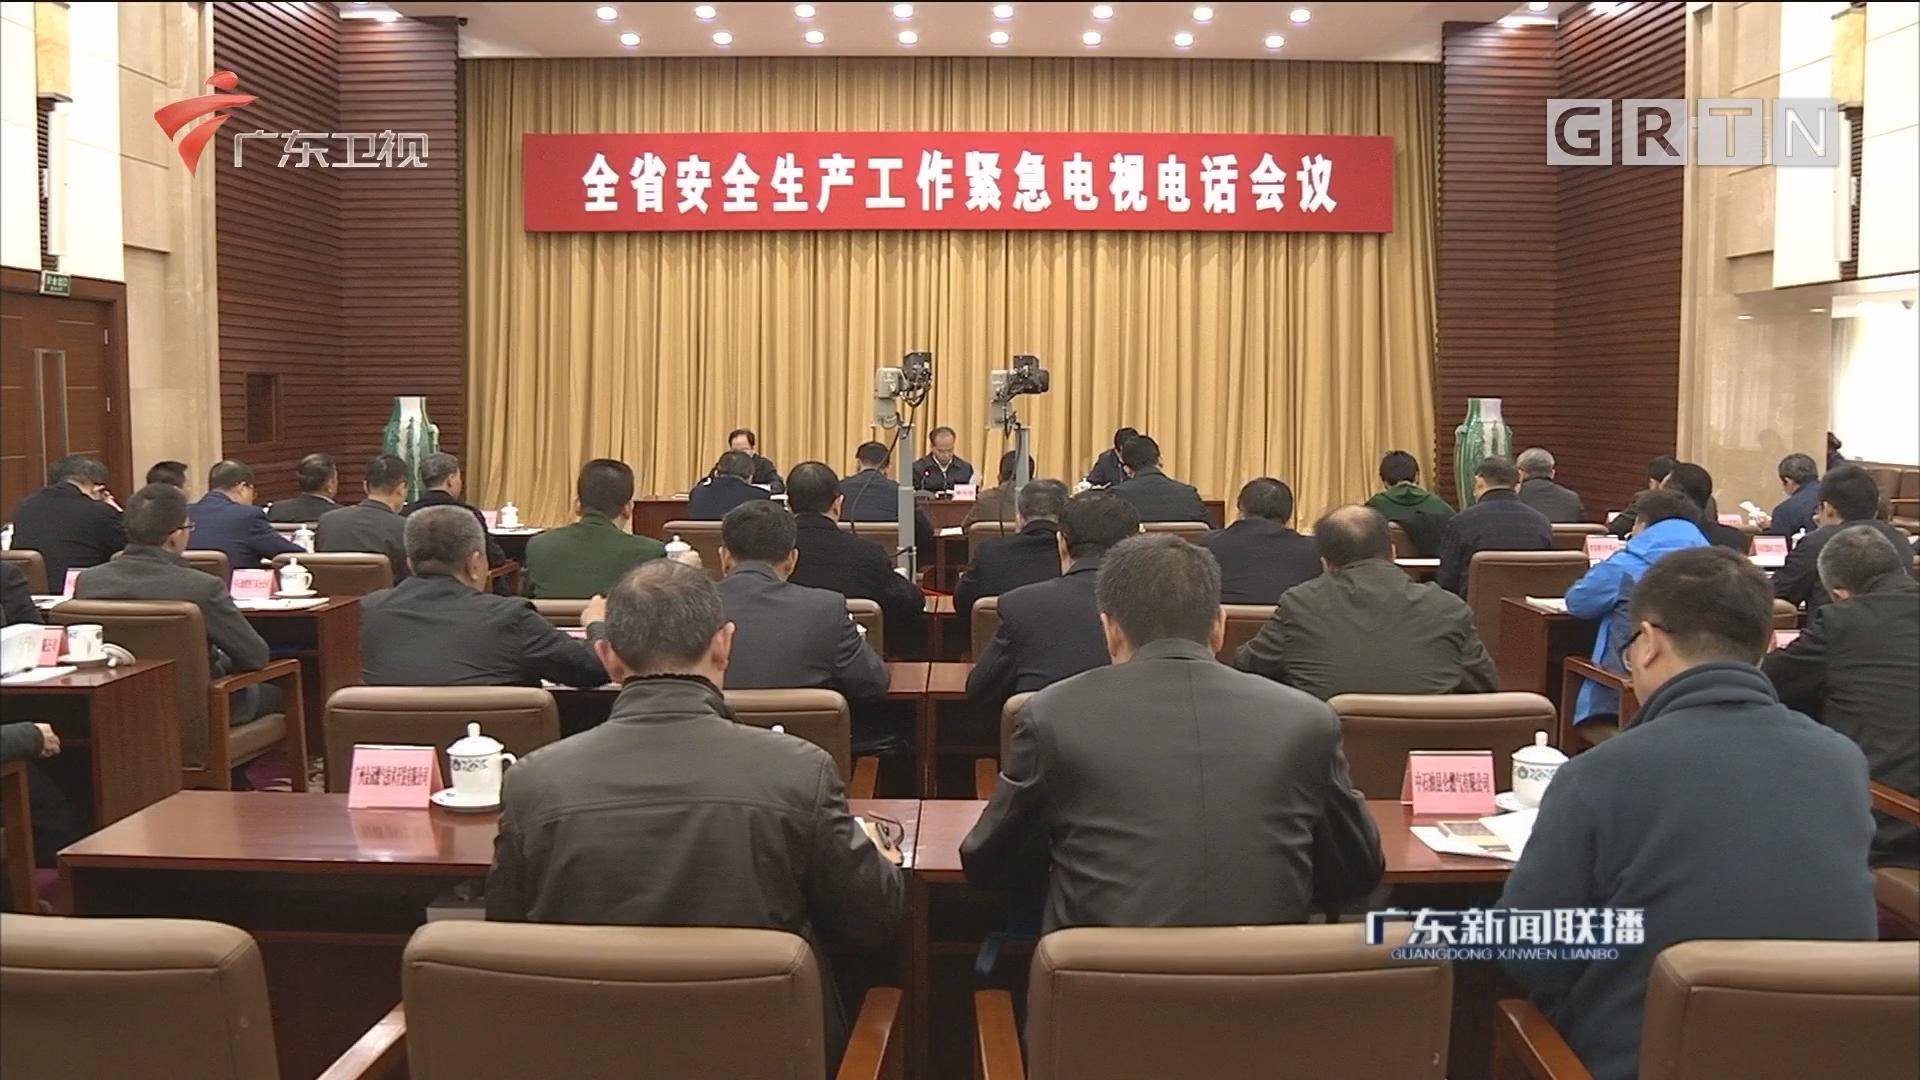 广东:部署涉气企业安全生产专项整治行动